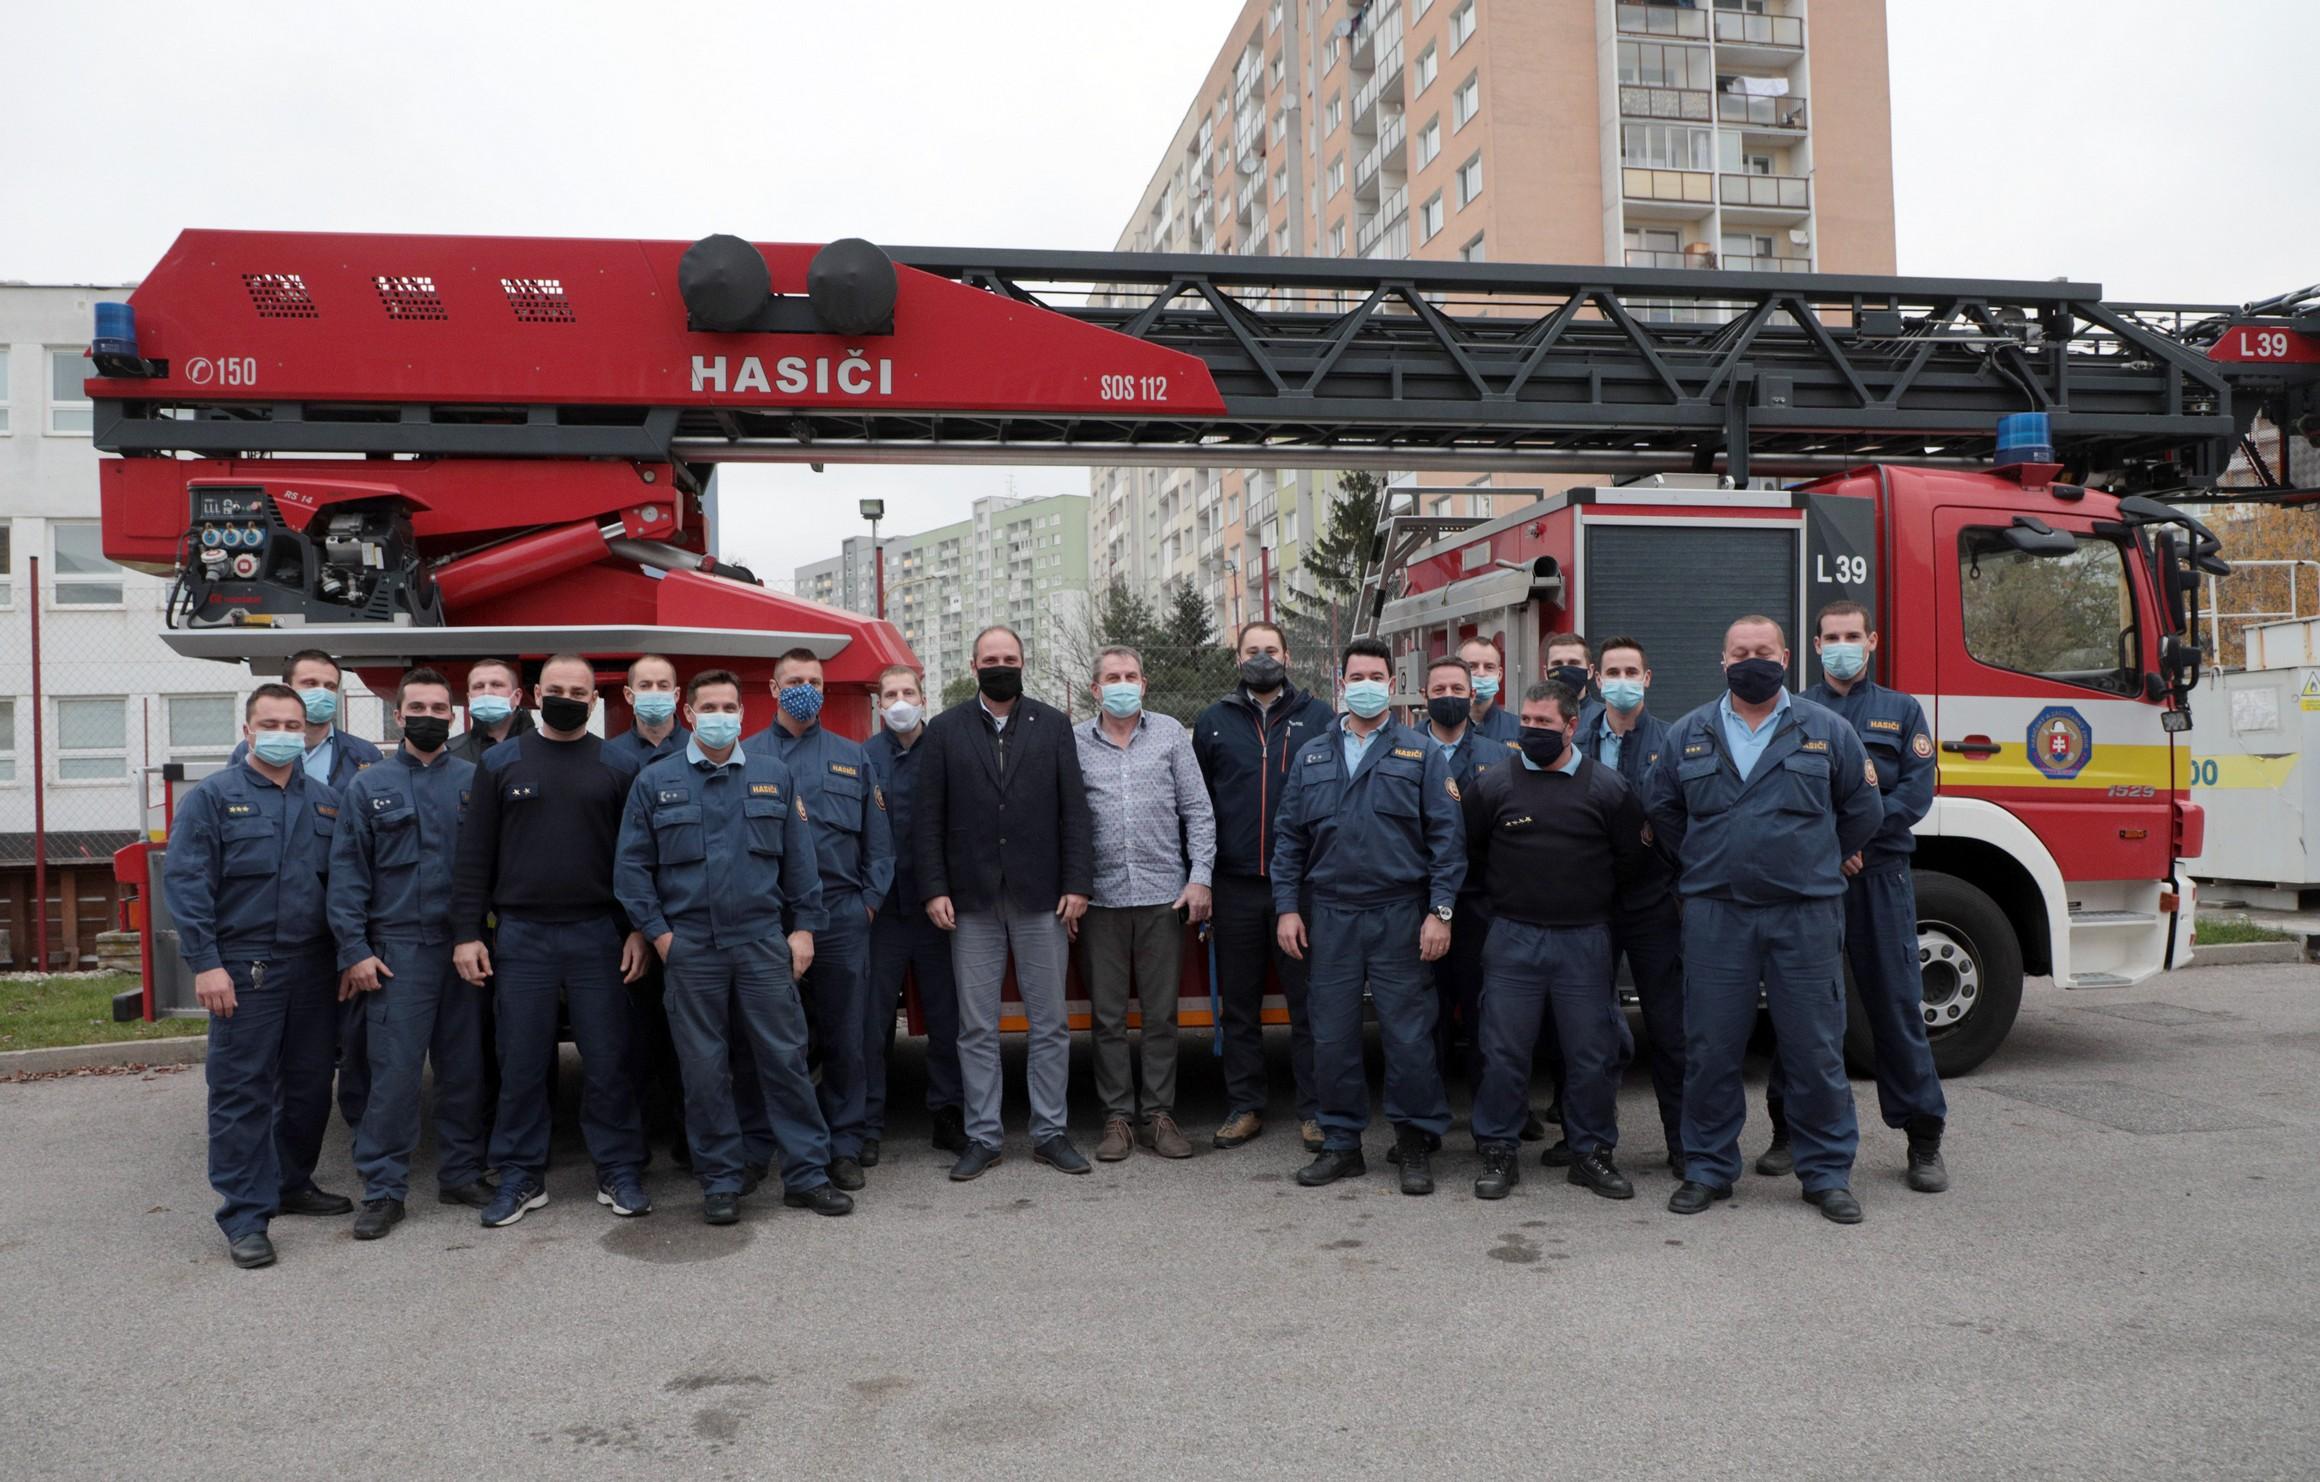 HasiciGulasovePodakovanie33